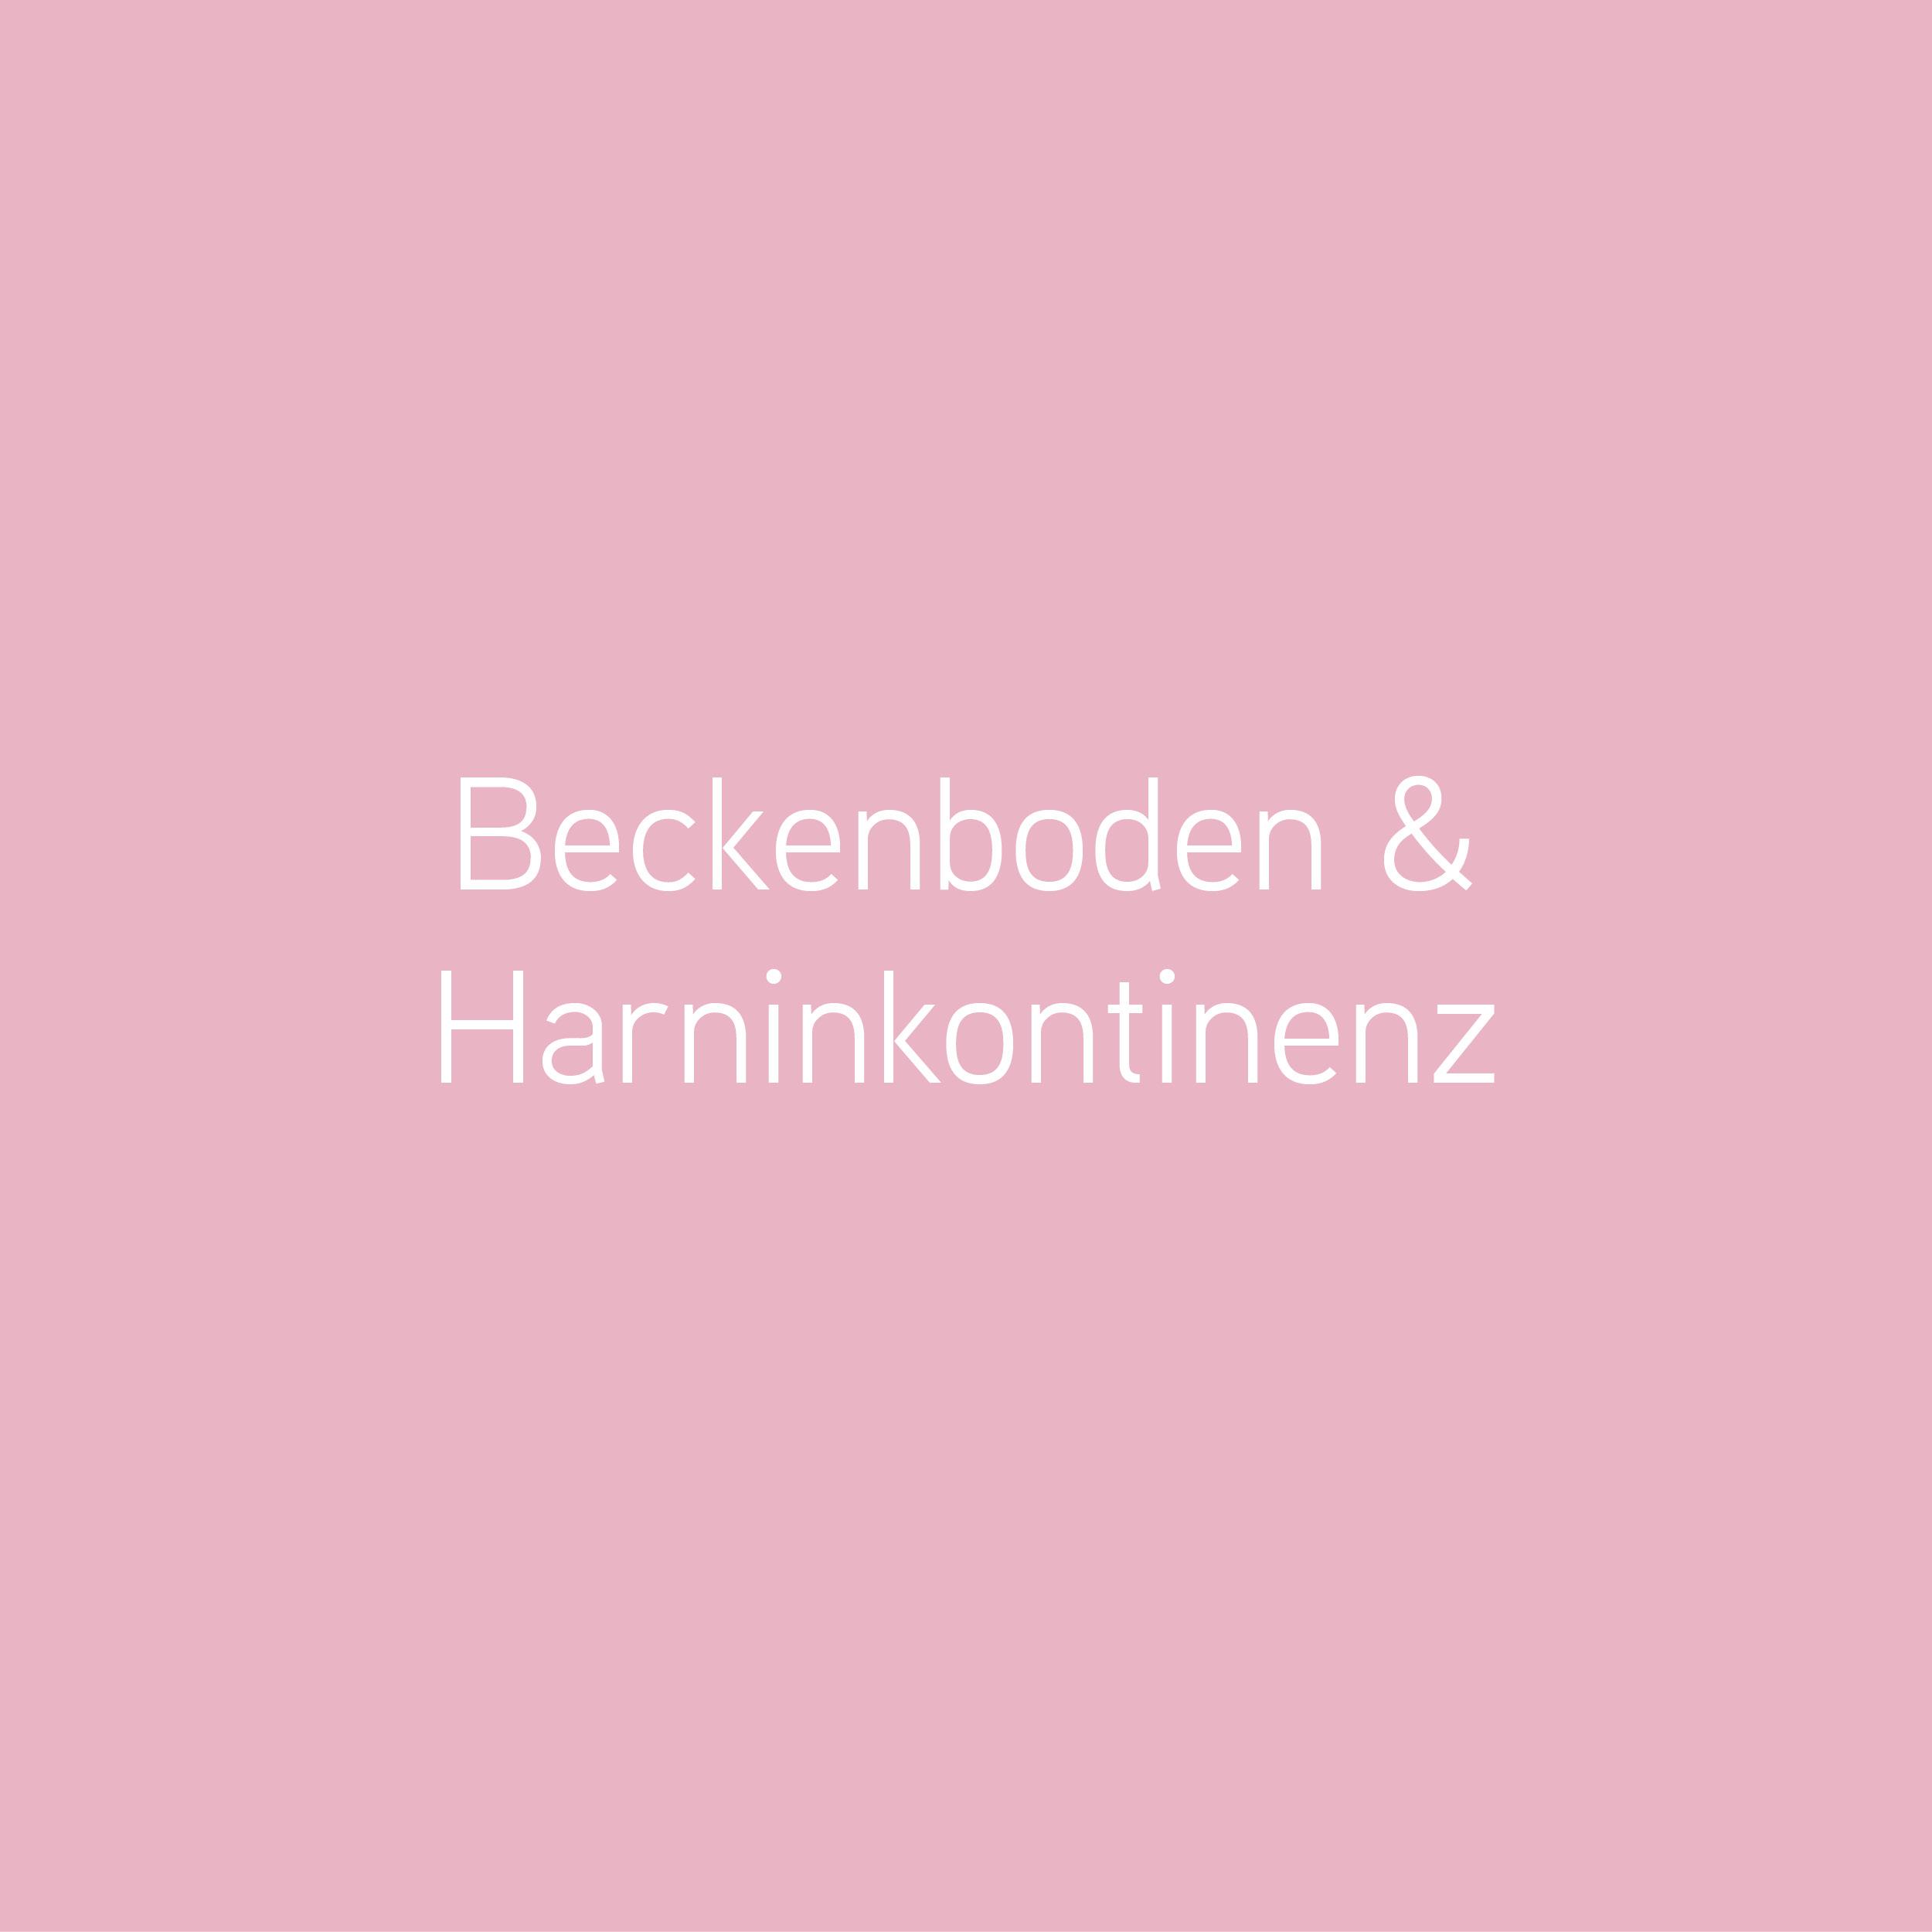 Beckenboden und Harinkontinenz, Beckenbodentraining,